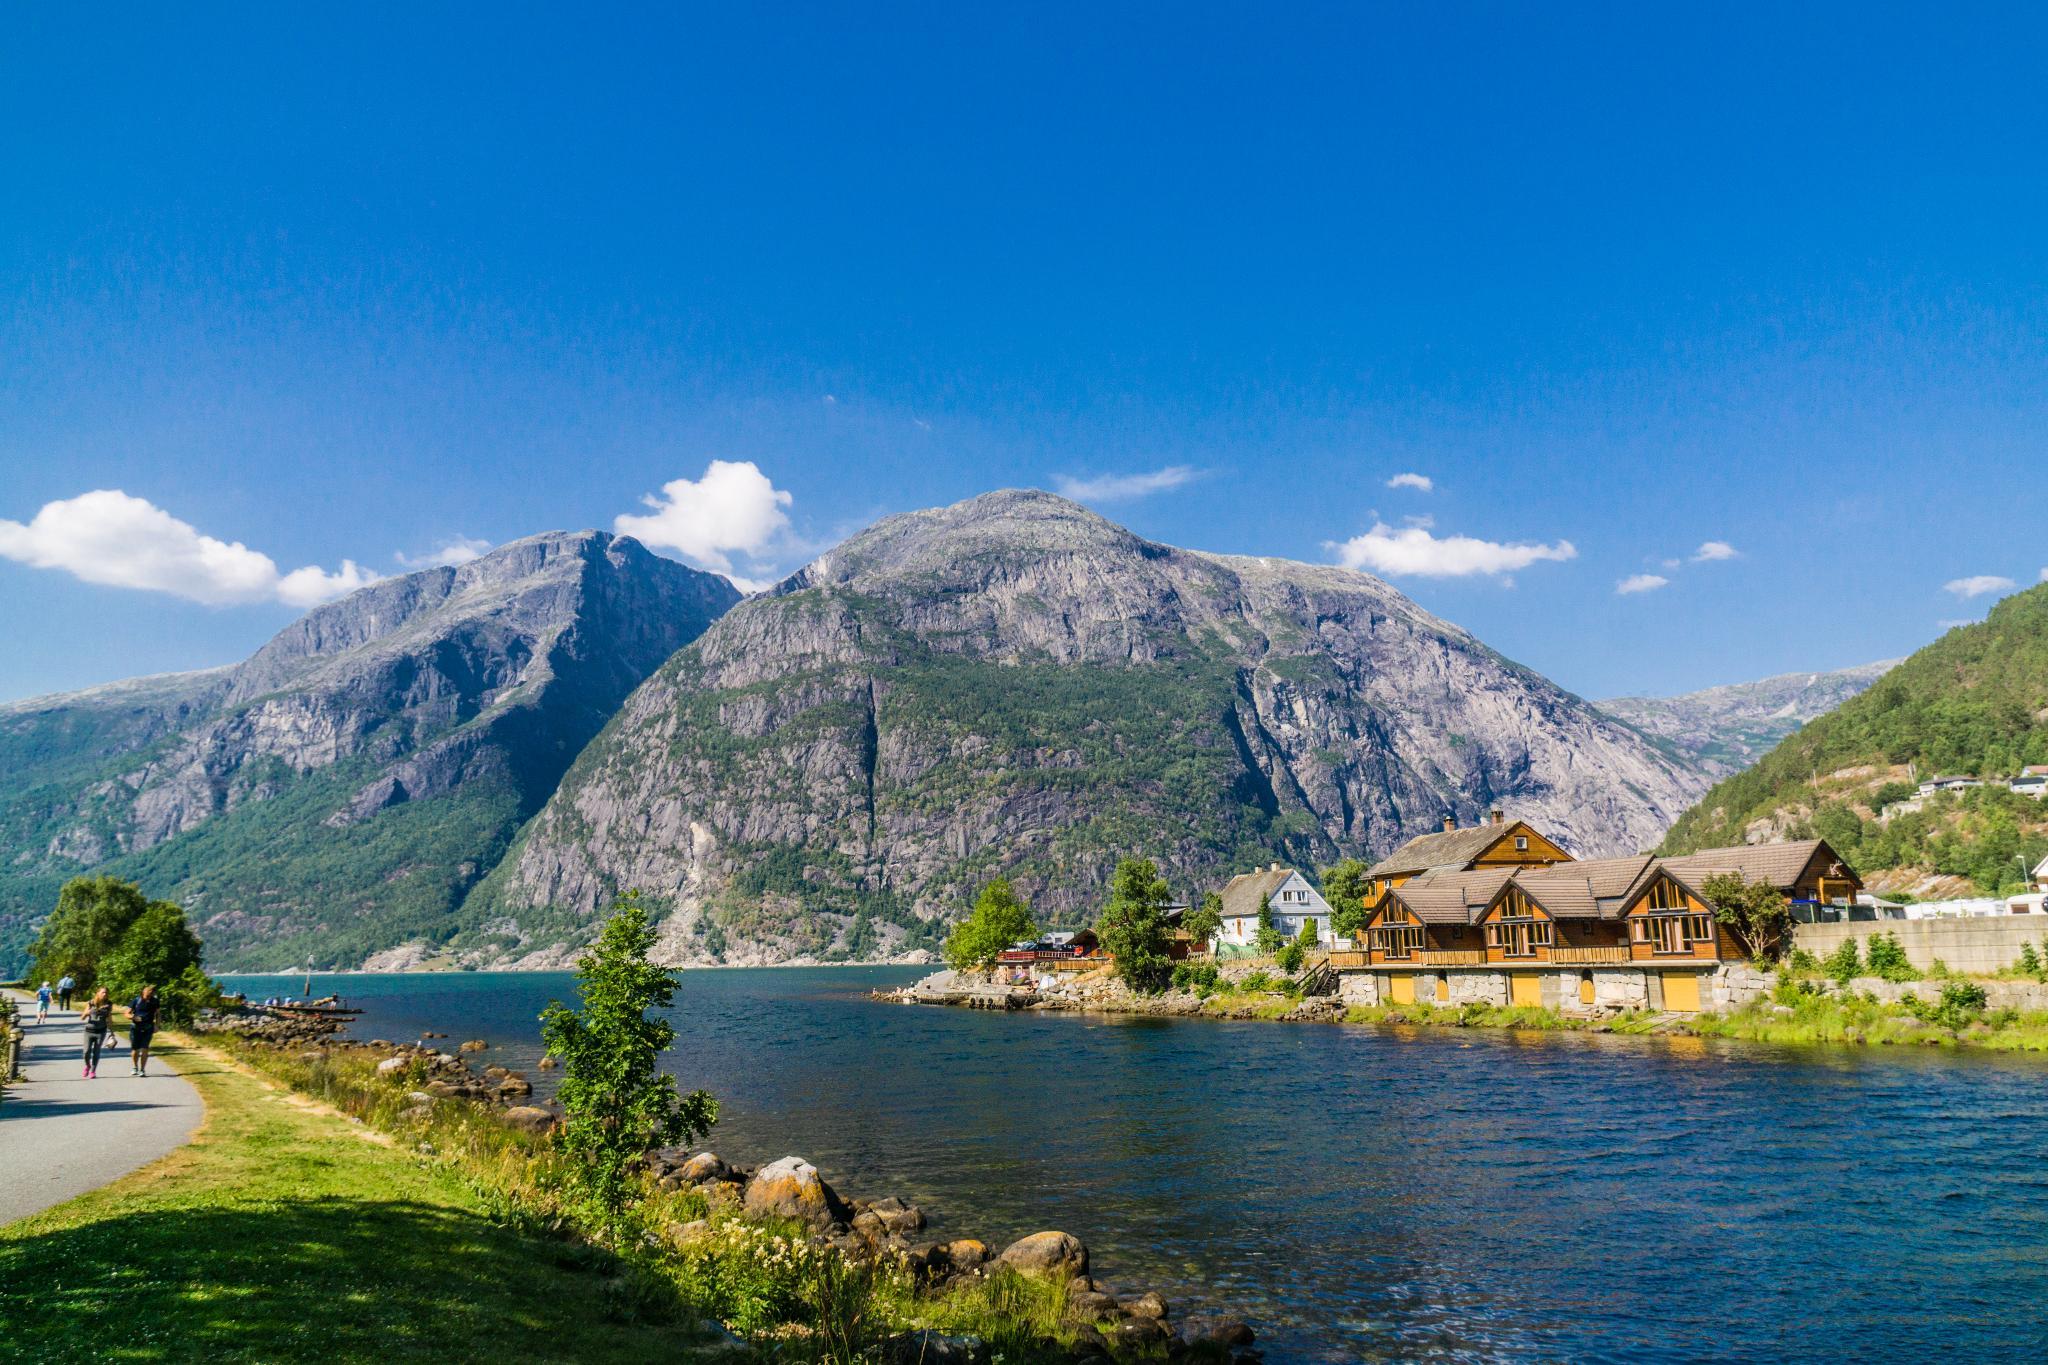 【北歐景點】哈丹格峽灣探秘:Eidfjord小鎮的無限風光 5